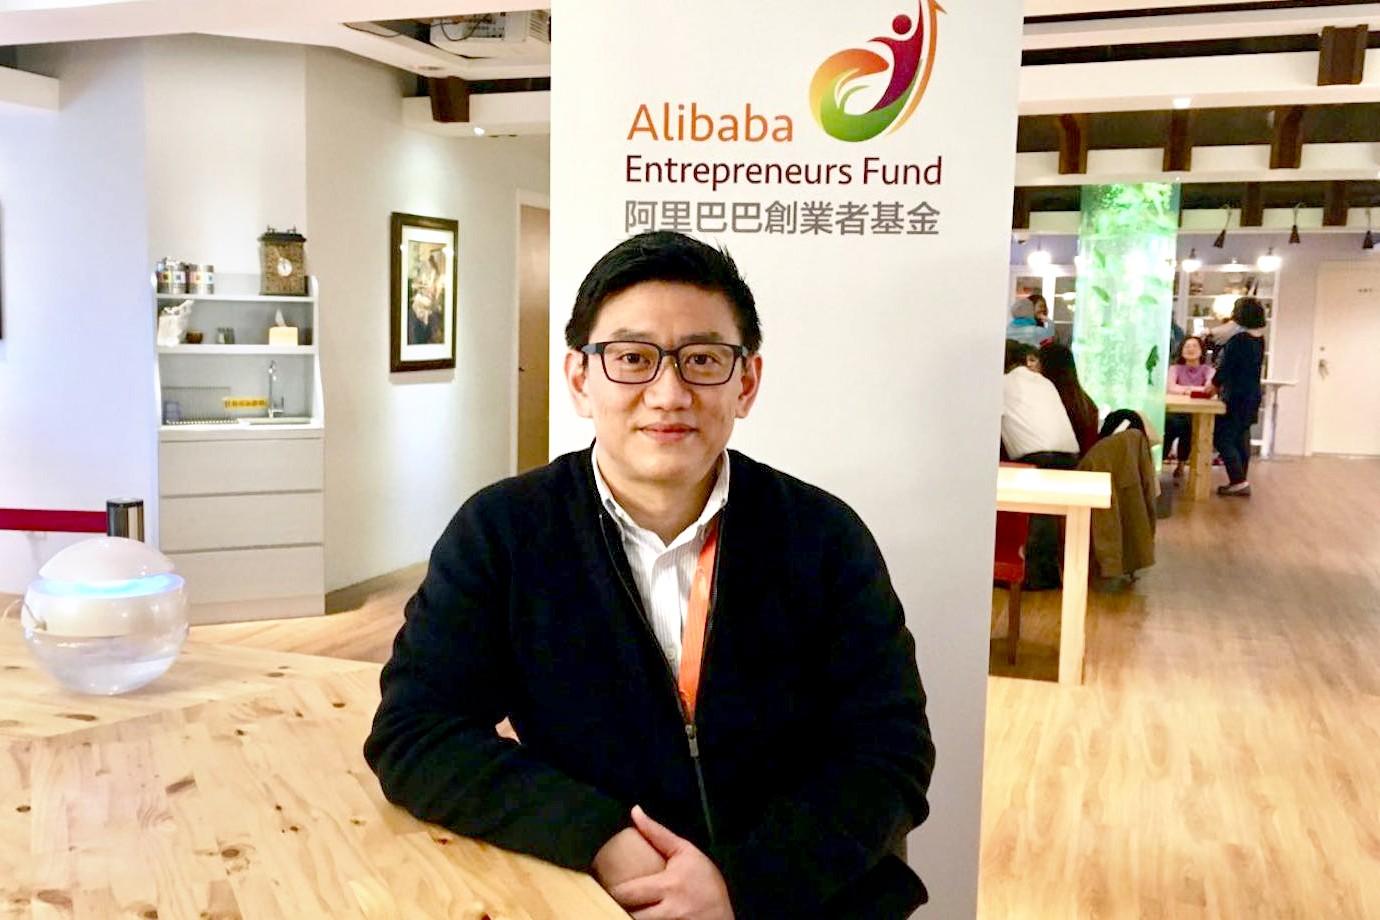 砸20億投資22間新創,阿里巴巴創業者基金就看好台灣這項優勢